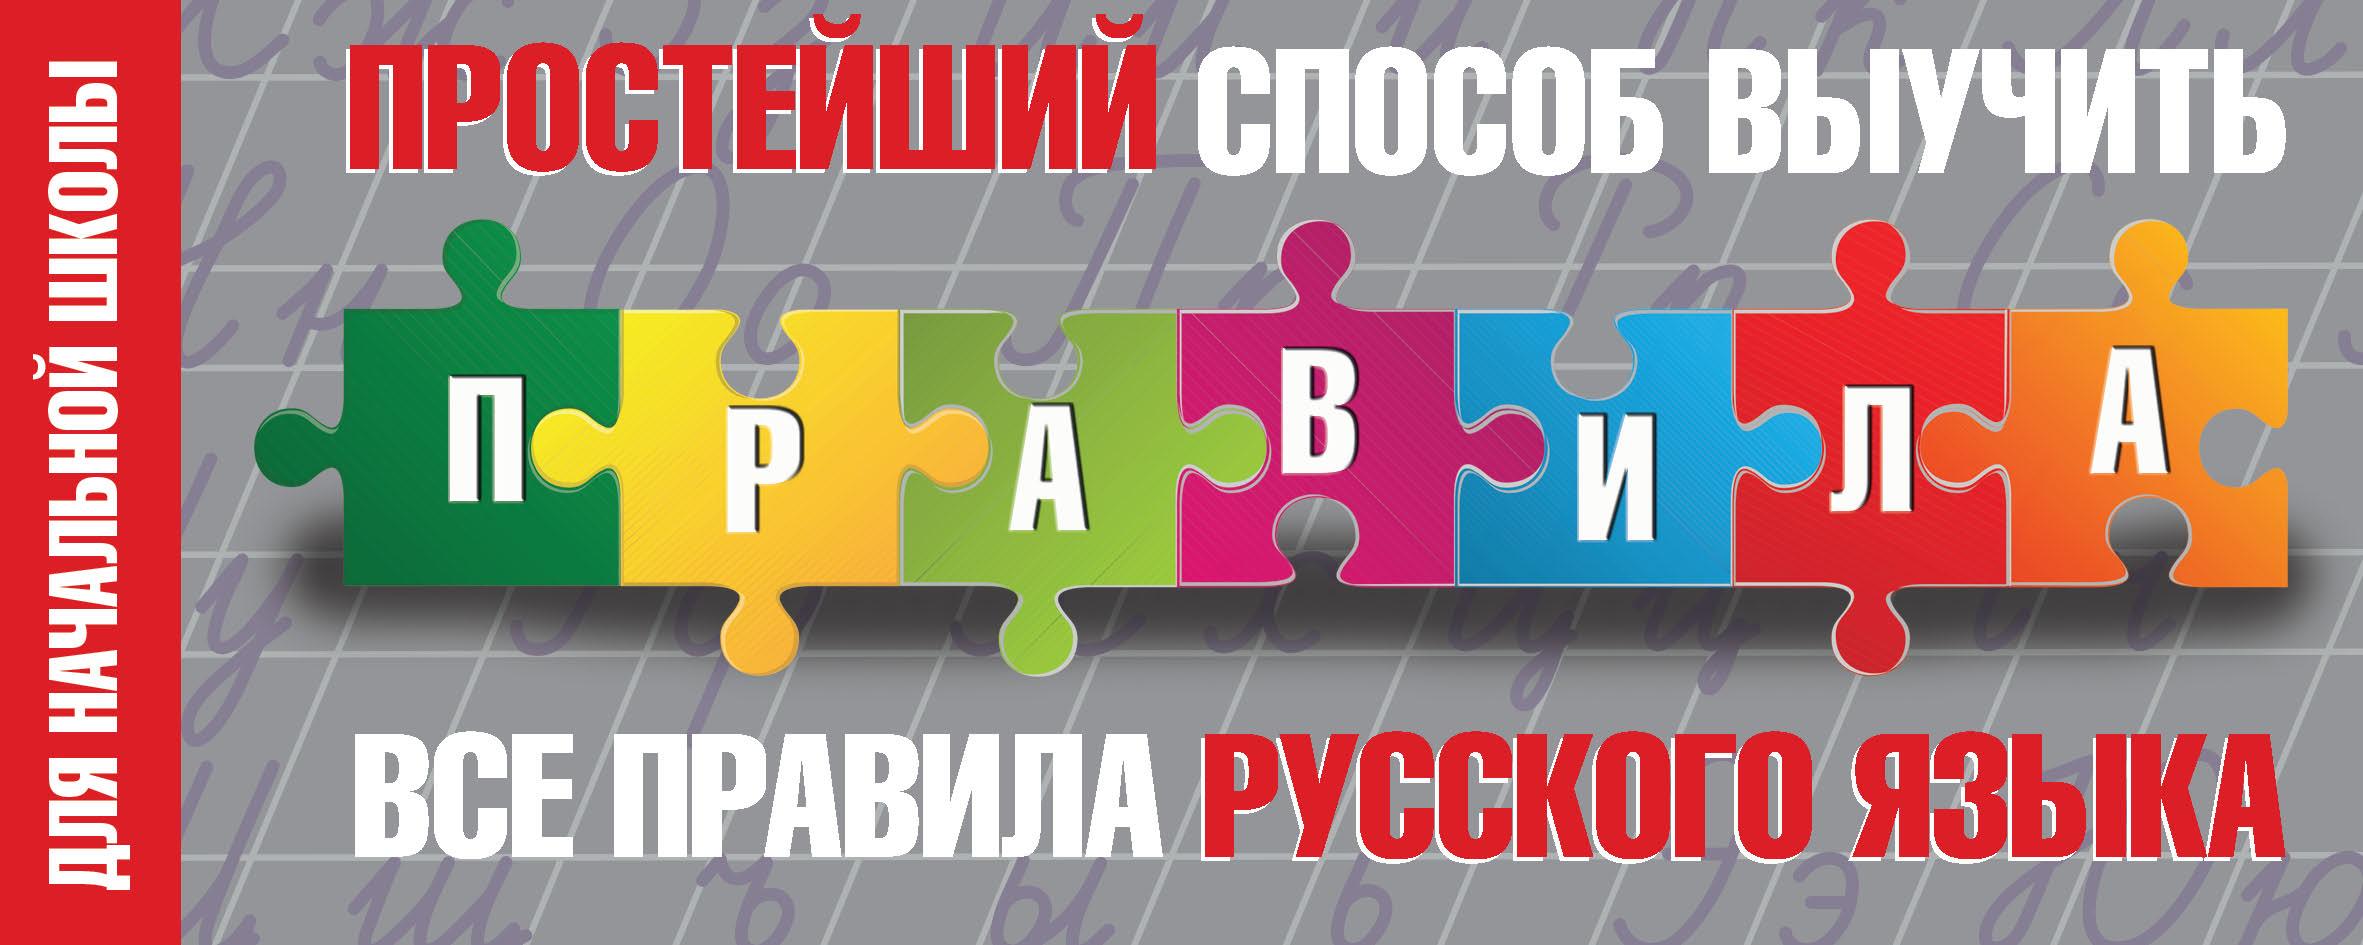 Отсутствует Простейший способ выучить все правила русского языка. Для начальной школы простейший способ выучить все правила русского языка